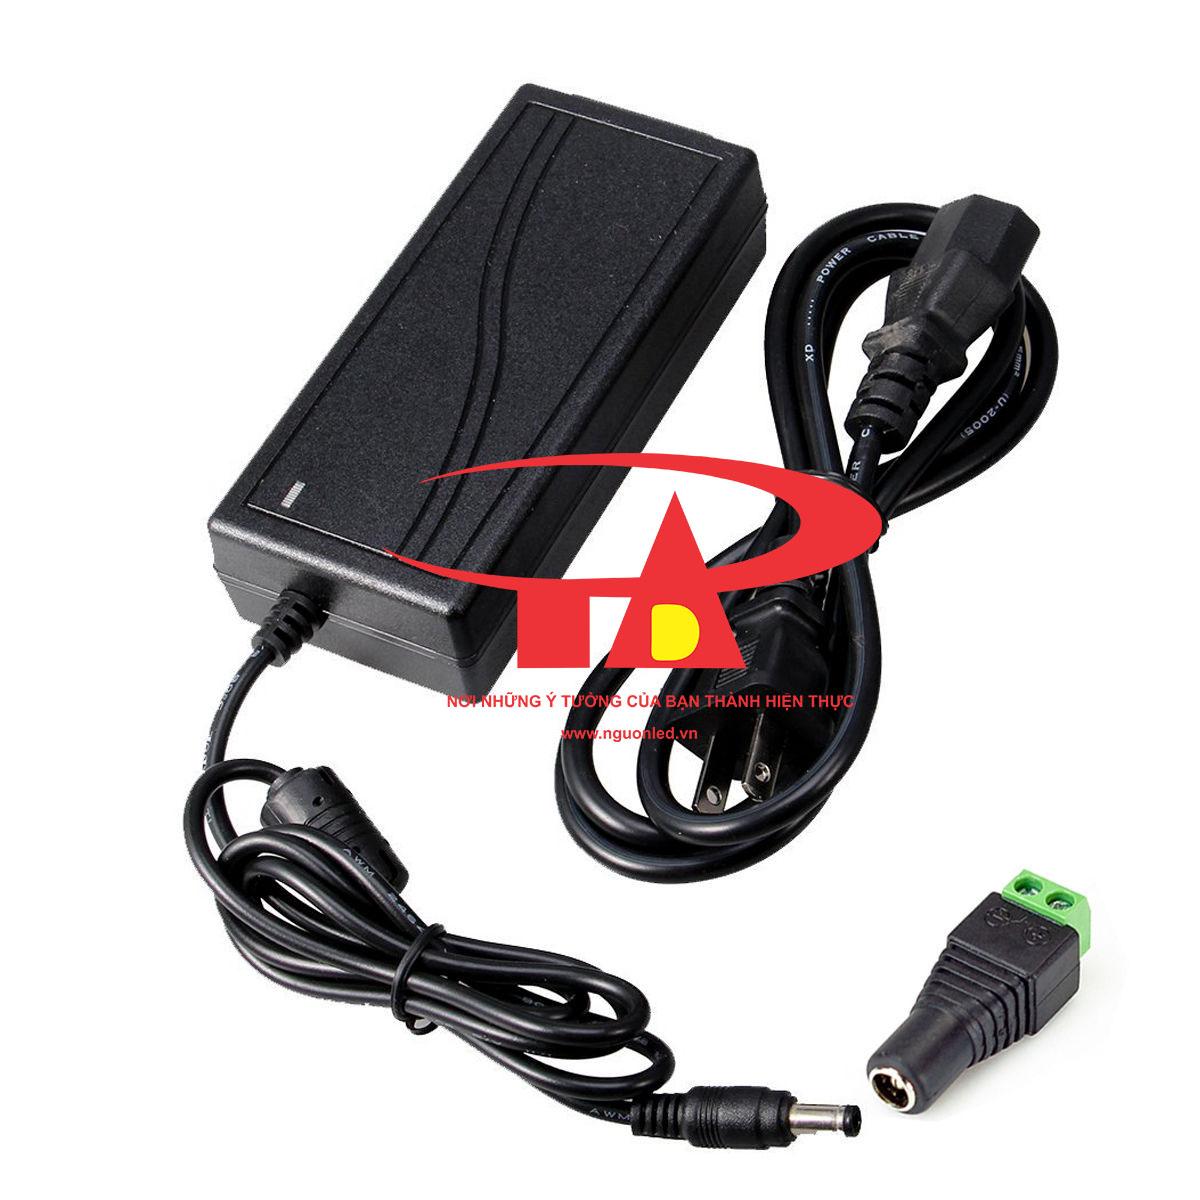 Adapter camera 12V 3A loại tốt dùng cho camera, đèn led, bơm nước minni, linh kiện điện tử, nguonled.vn